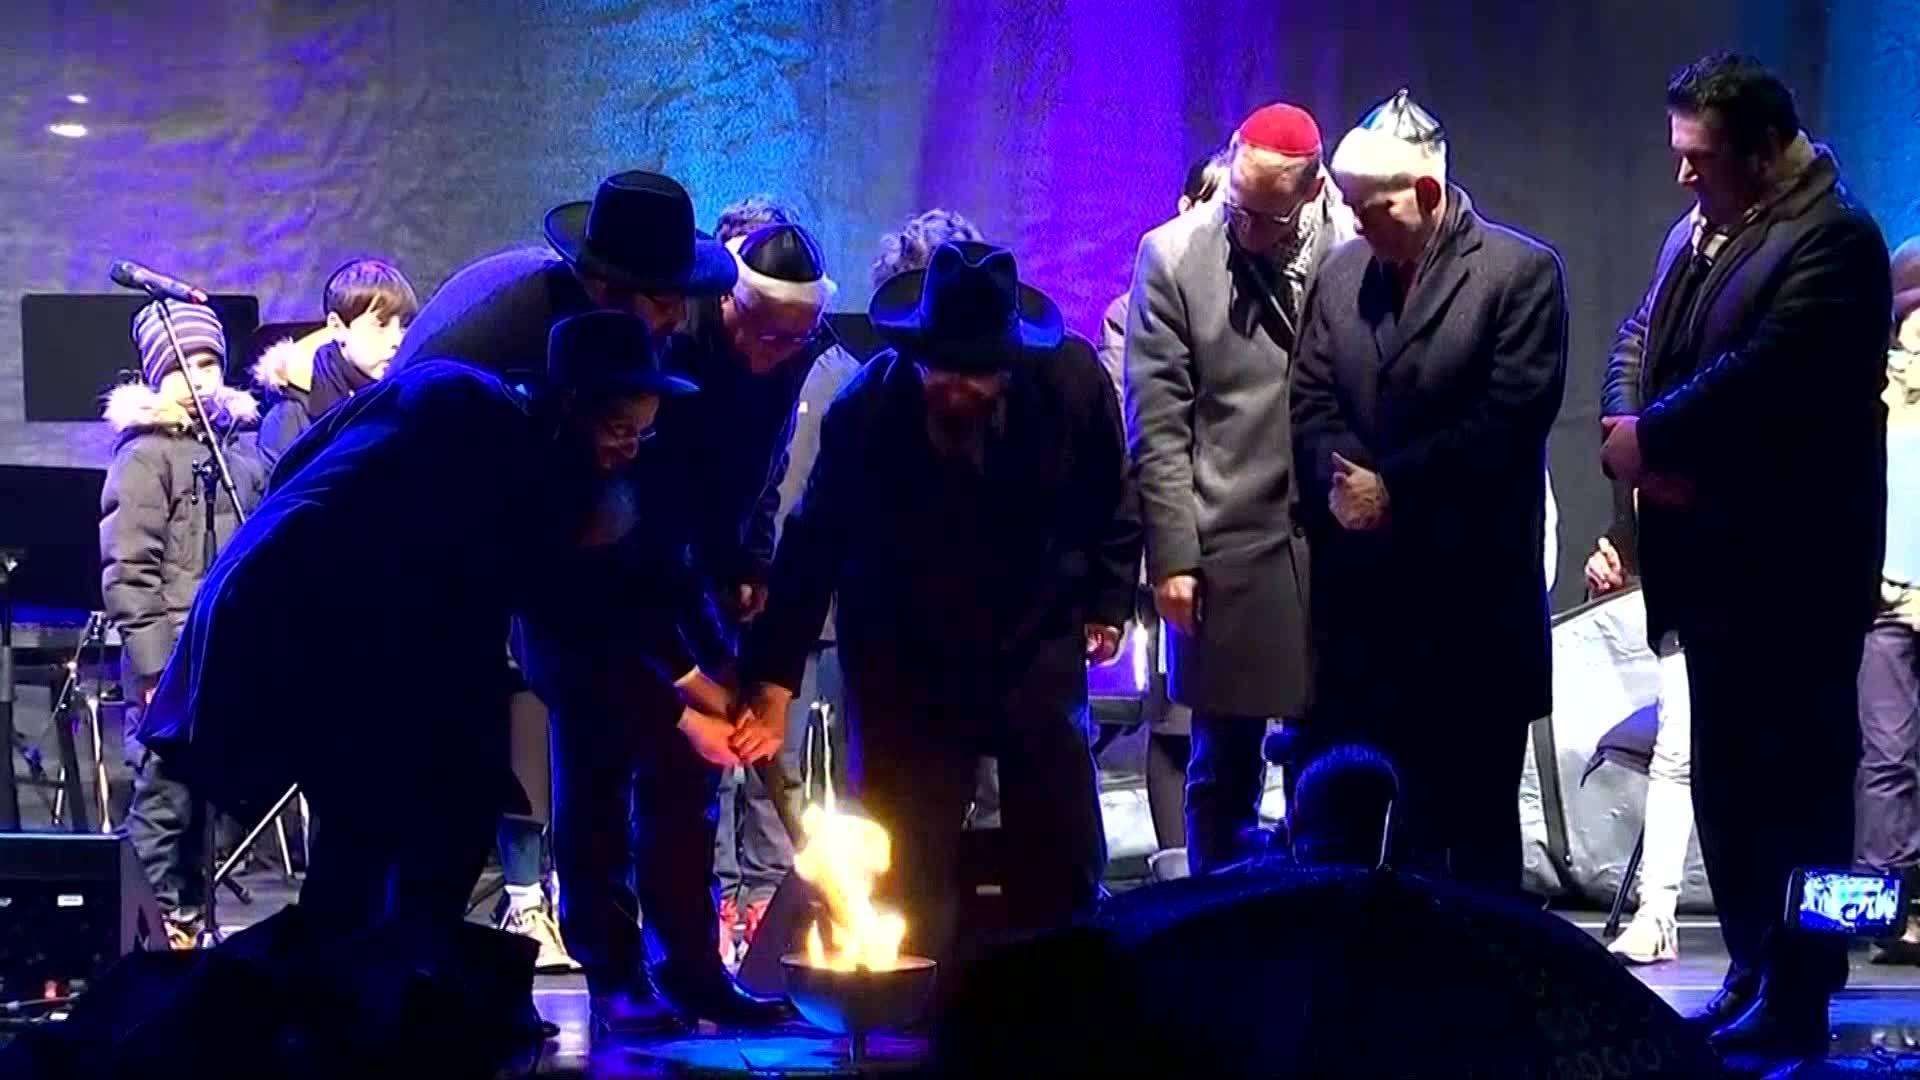 Menorah_lighting_ceremony_at_Berlin_s_Br_0_20181203104346